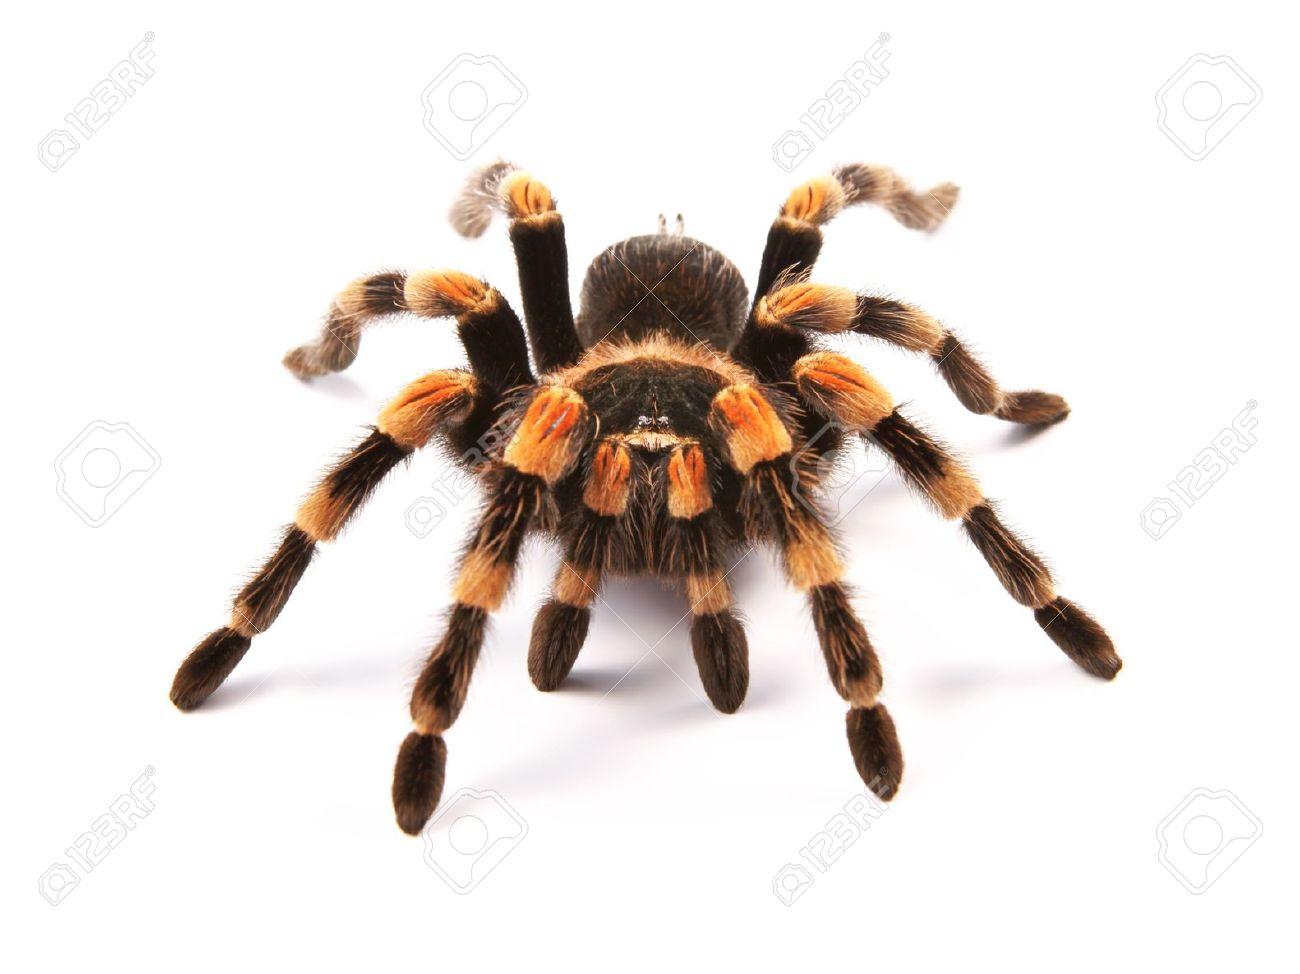 Mexican Redknee Tarantula Brachypelma Smithi Spider Female Stock Photo